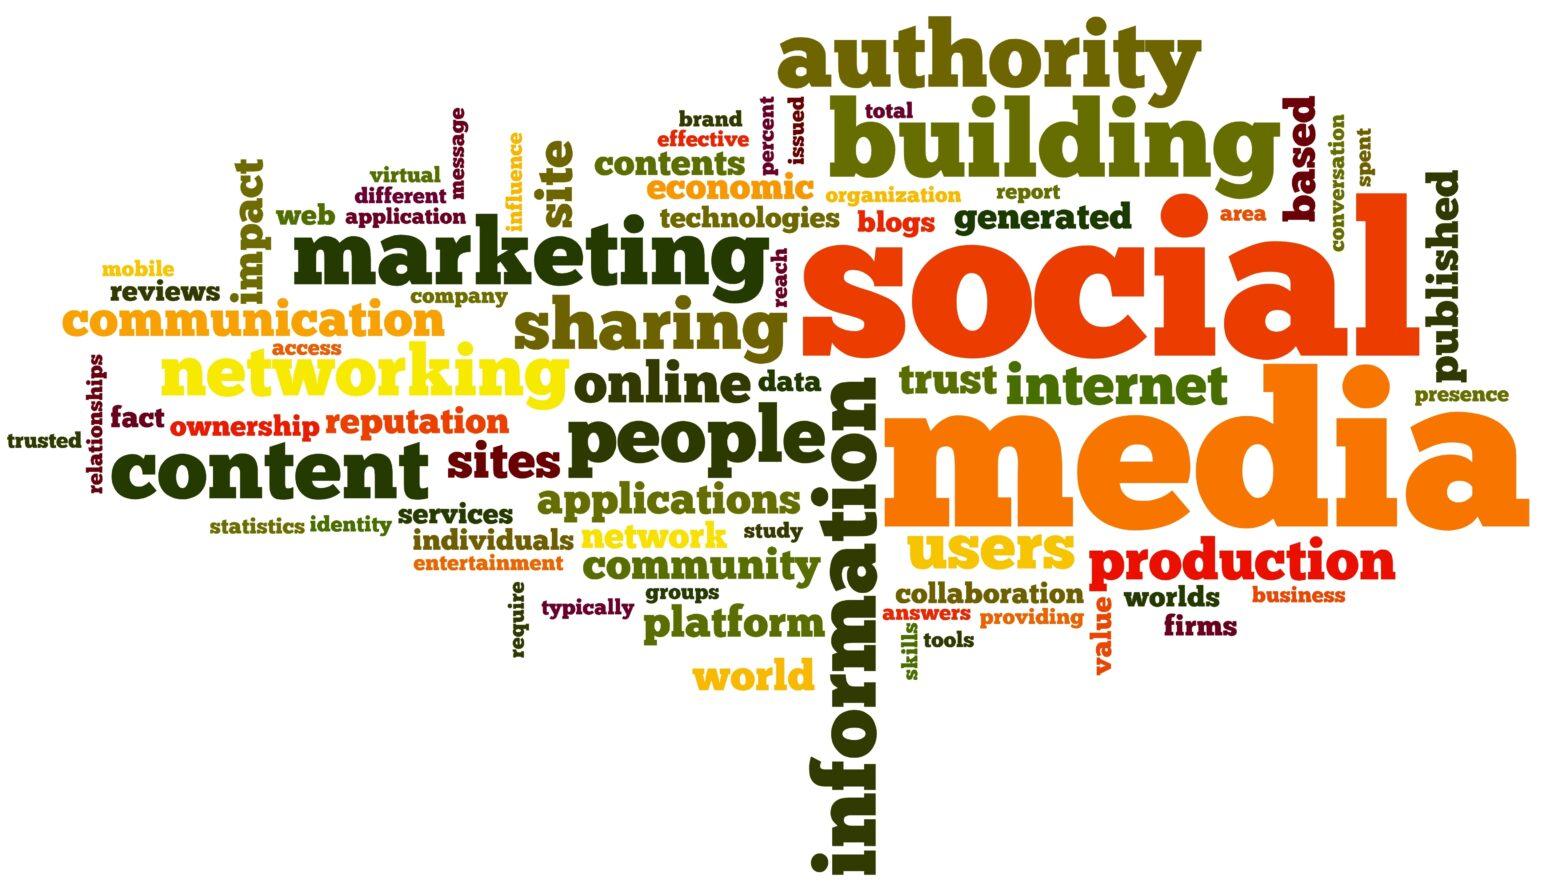 6 способов повысить авторитет бренда с помощью контент-маркетинга